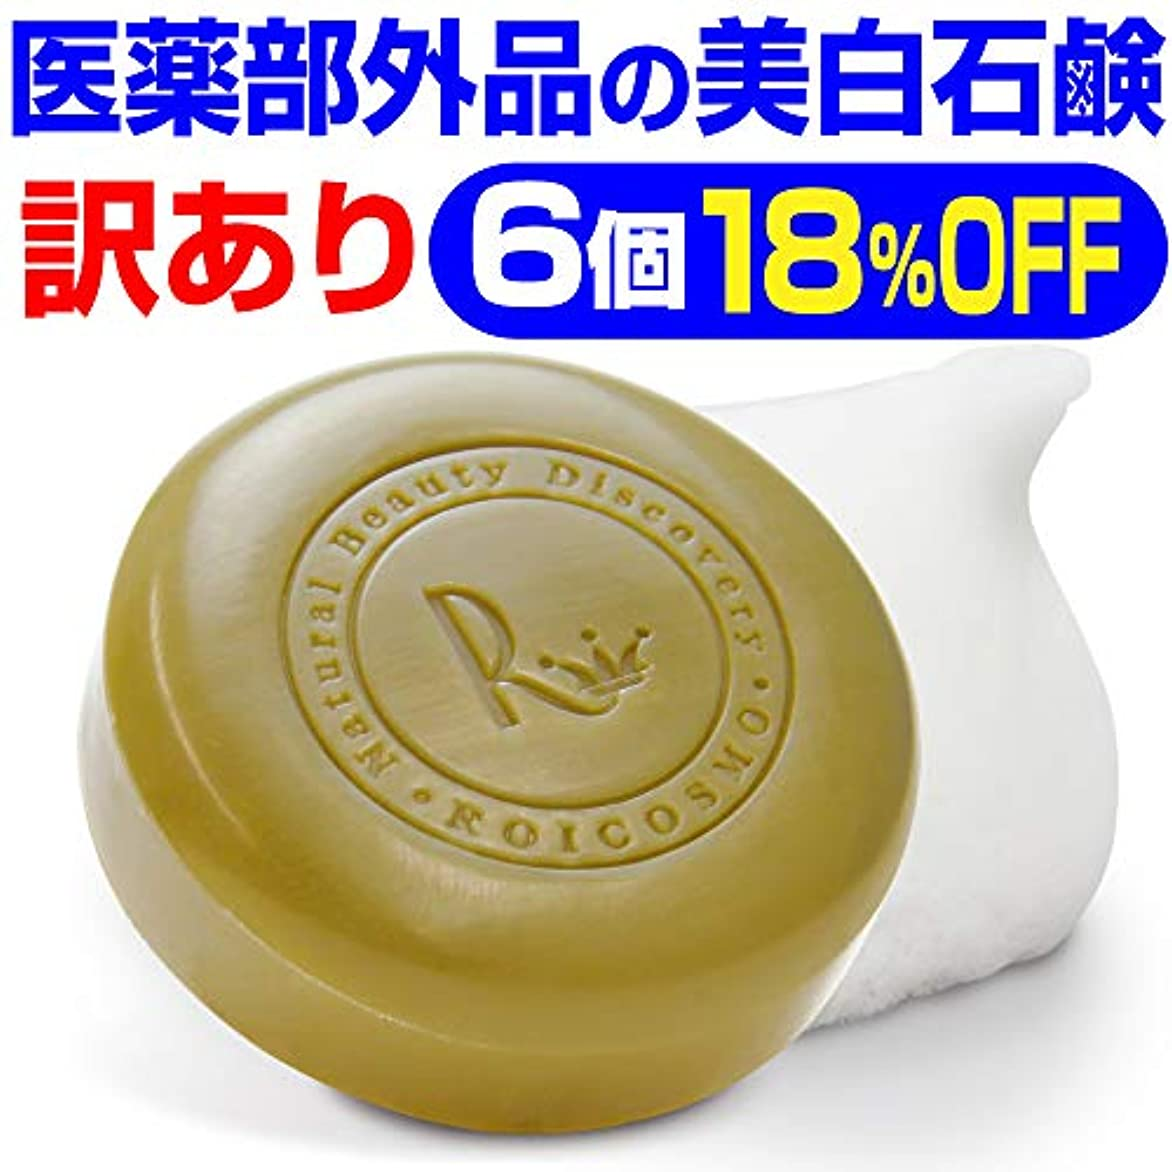 ラグ痛み花訳あり18%OFF(1個2,197円)売切れ御免 ビタミンC270倍の美白成分の 洗顔石鹸『ホワイトソープ100g×6個』